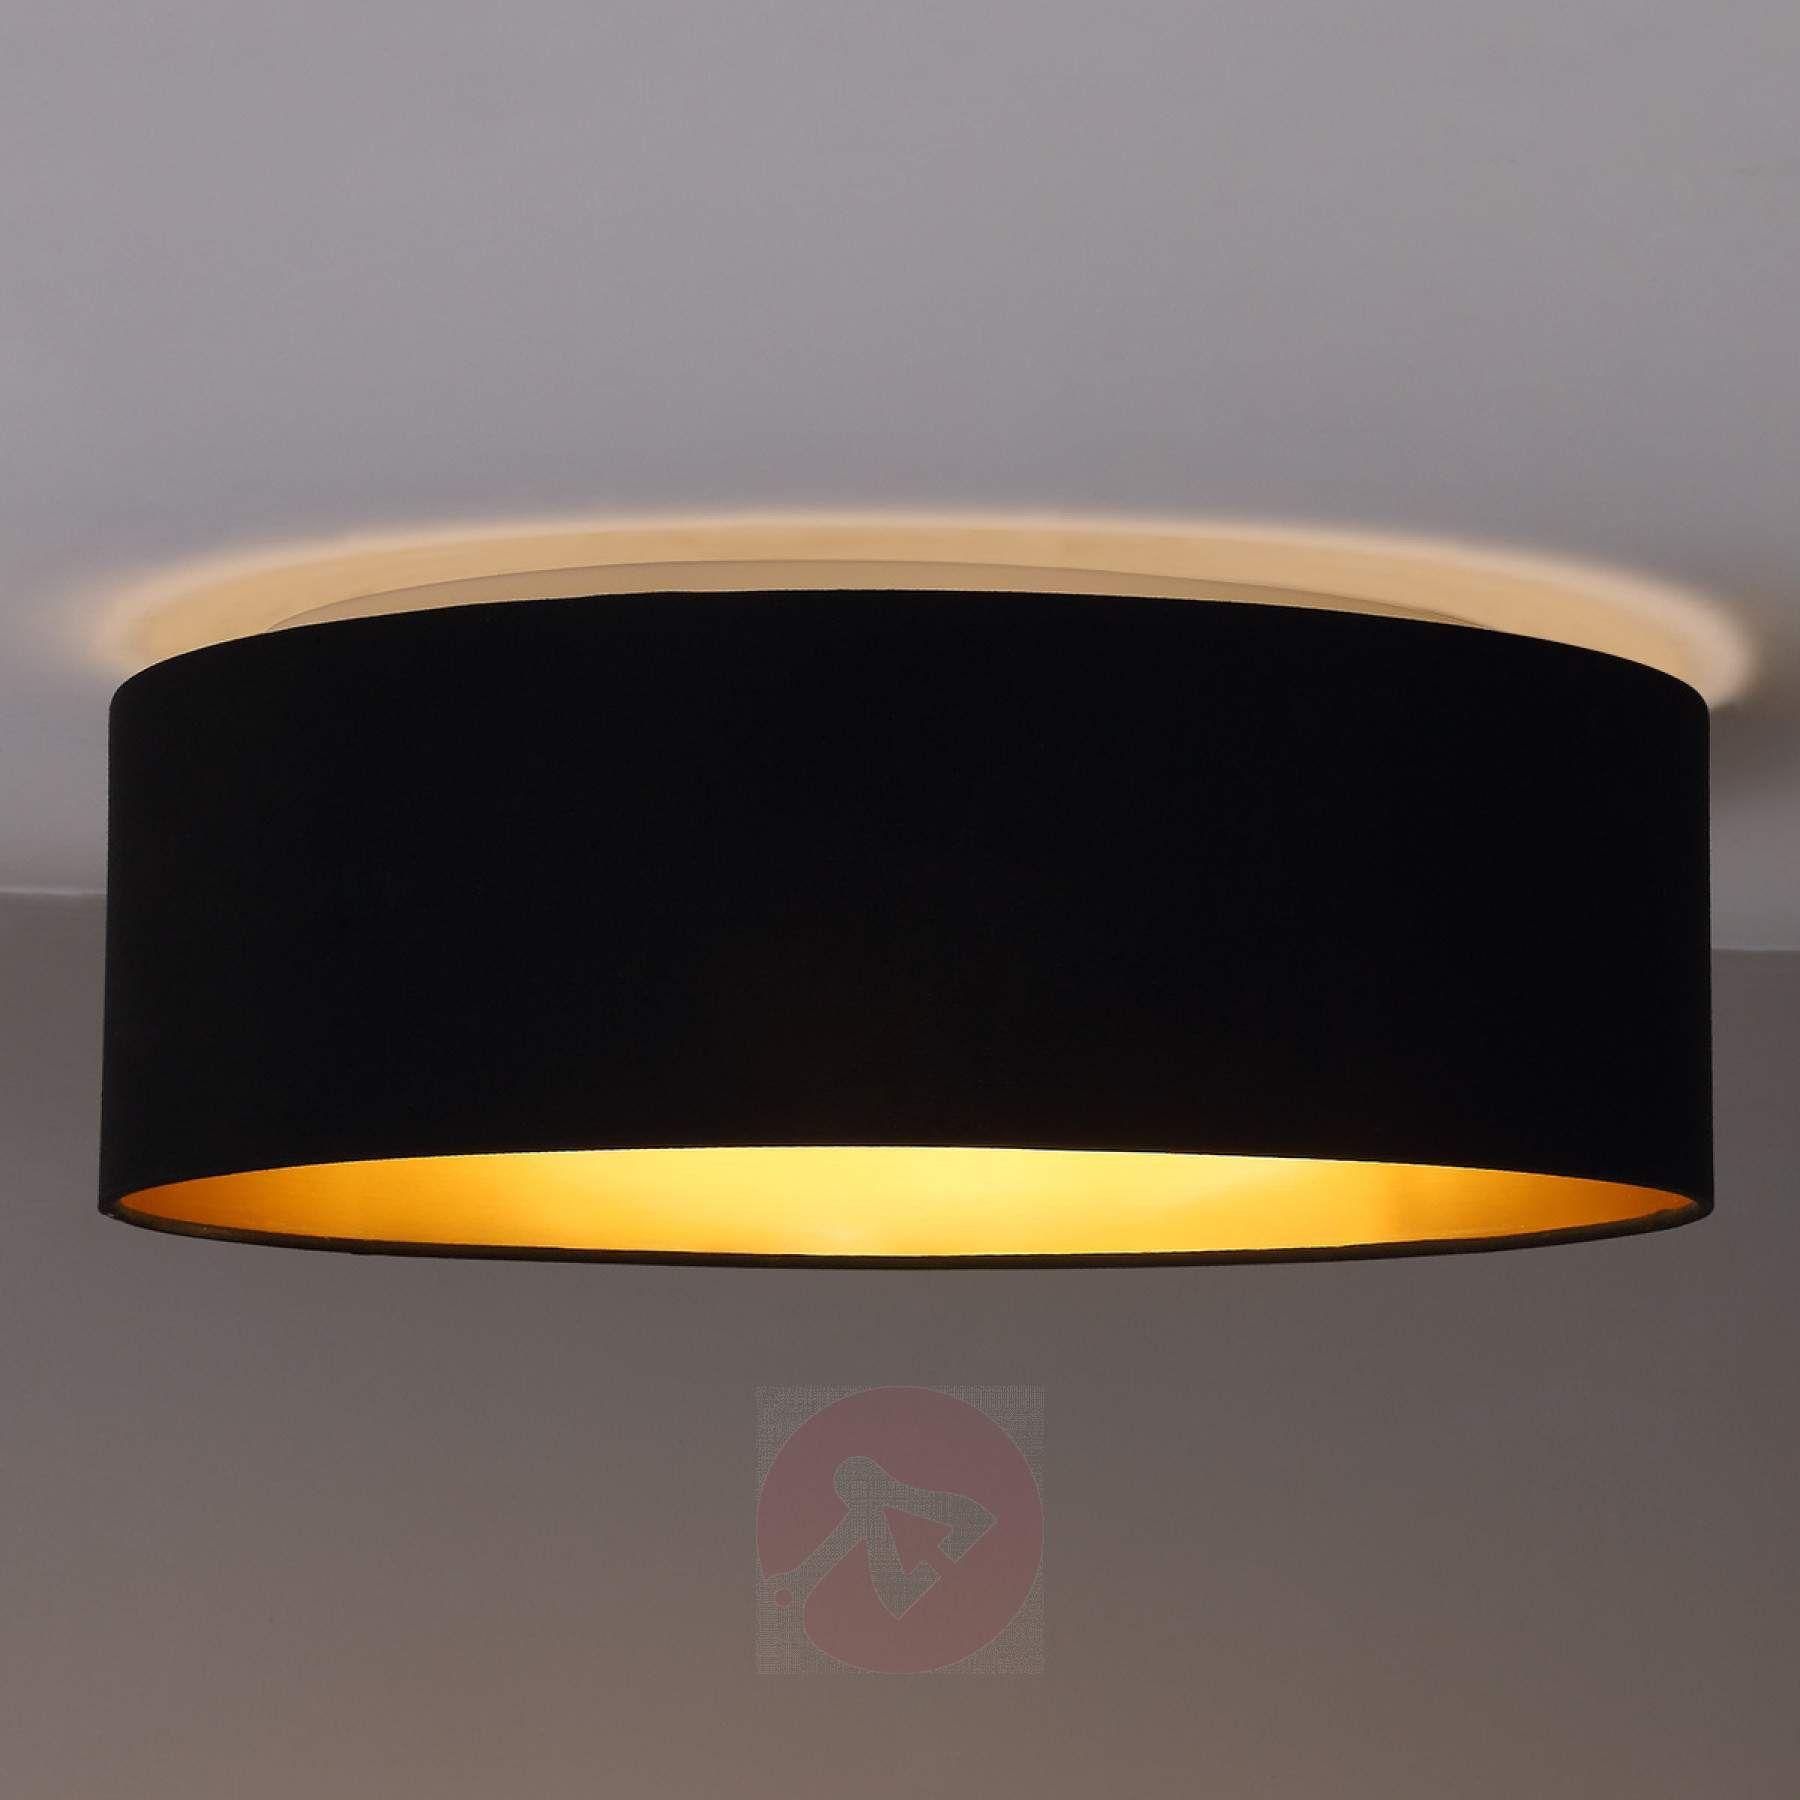 Stoff-Deckenlampe Coleen in Schwarz, innen gold kaufen